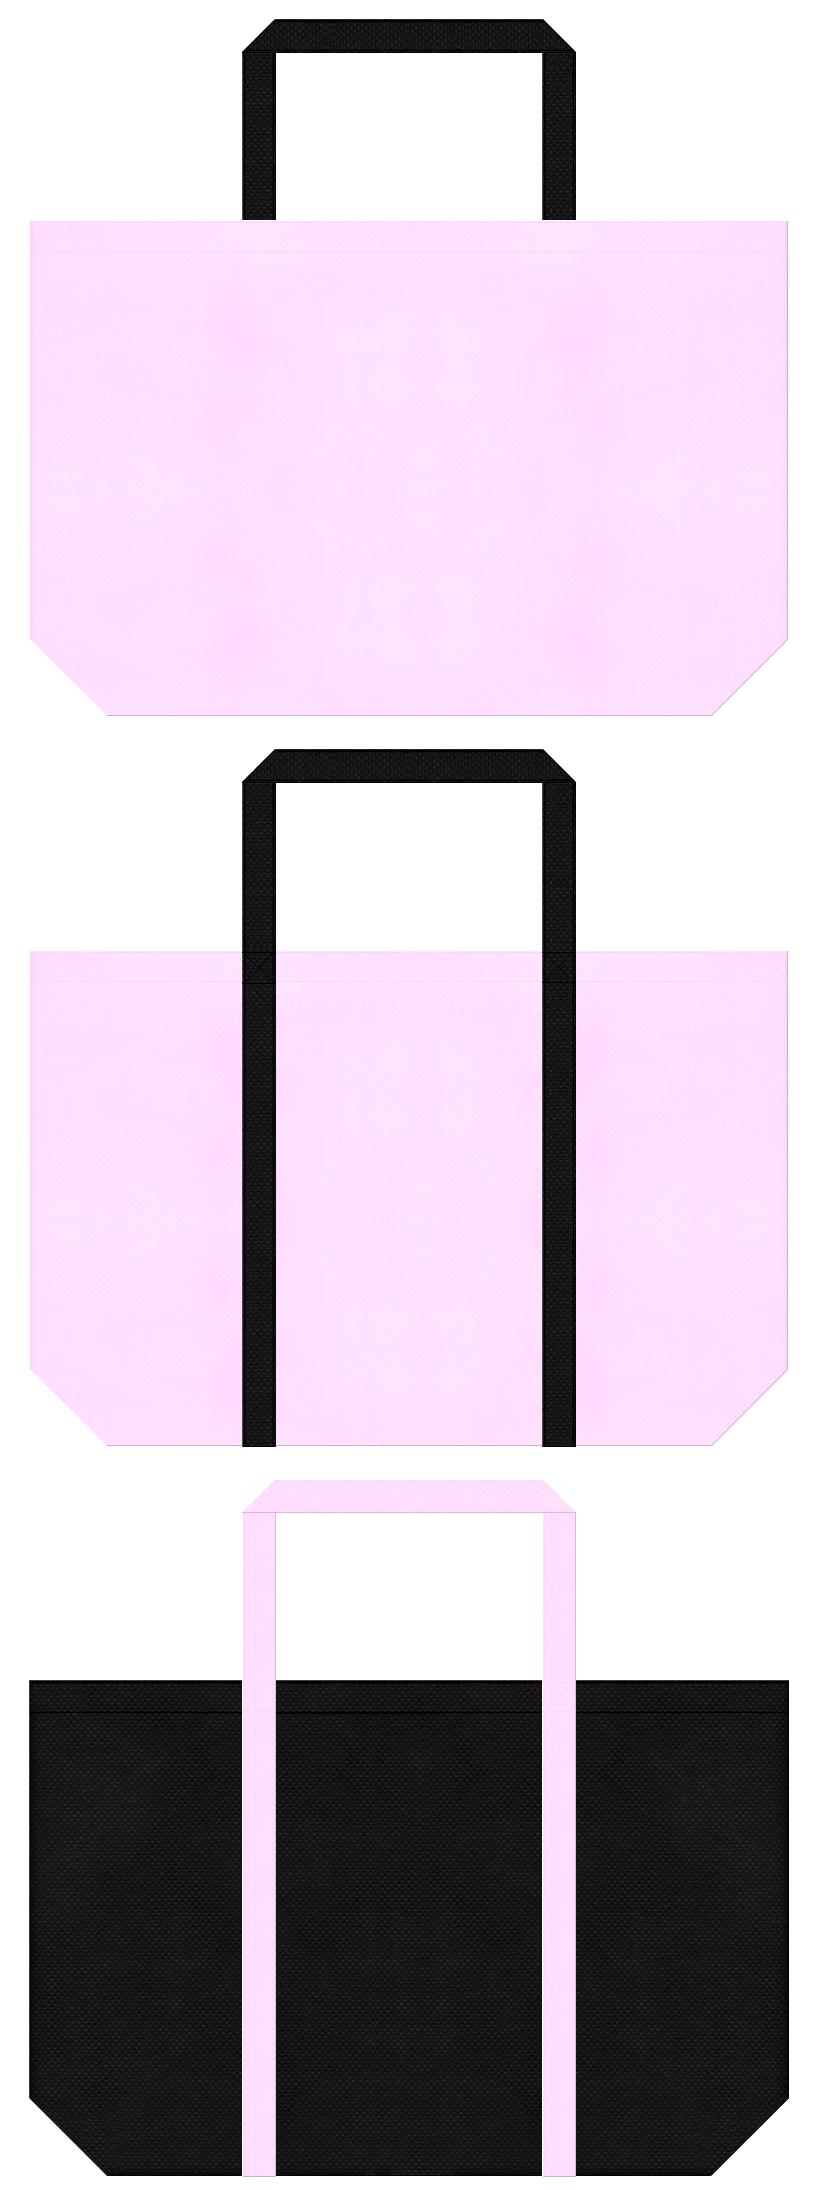 girlyなバッグノベルティにお奨めのコーデ。明るいピンク色と黒色の不織布バッグデザイン。ゴスロリファッション風。